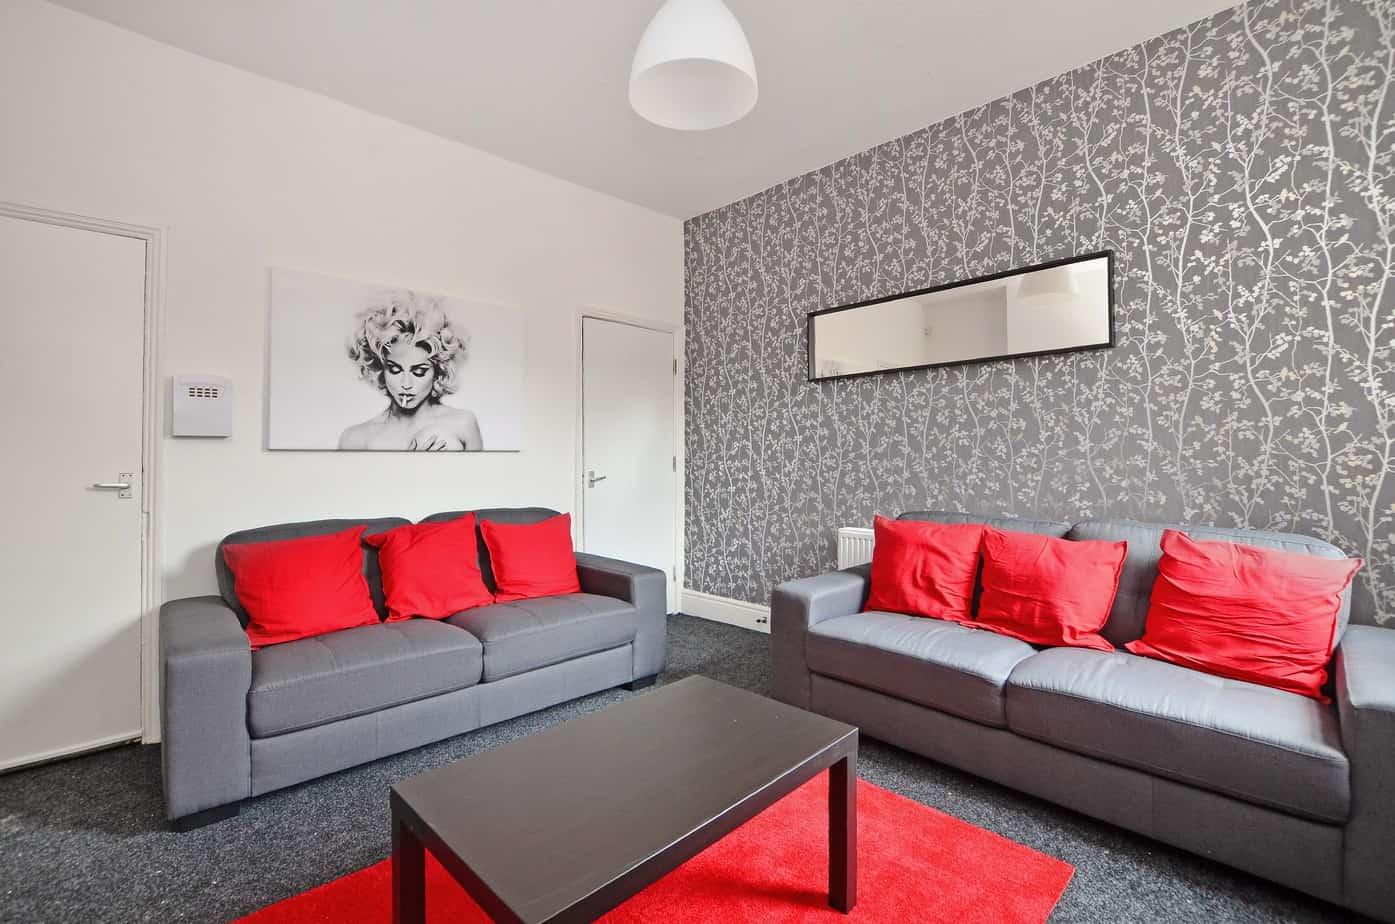 361 Shoreham Street – 4 Bed Student Home